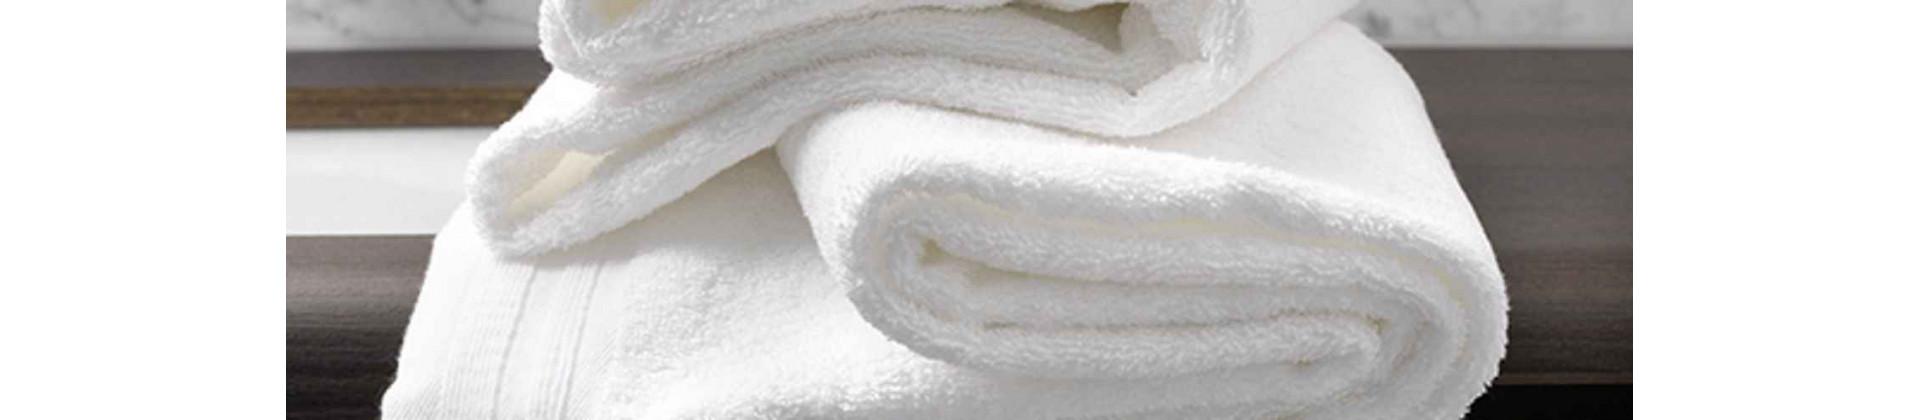 Linge de bain éponge blanc uni pour hôtels, collectivités et gîtes